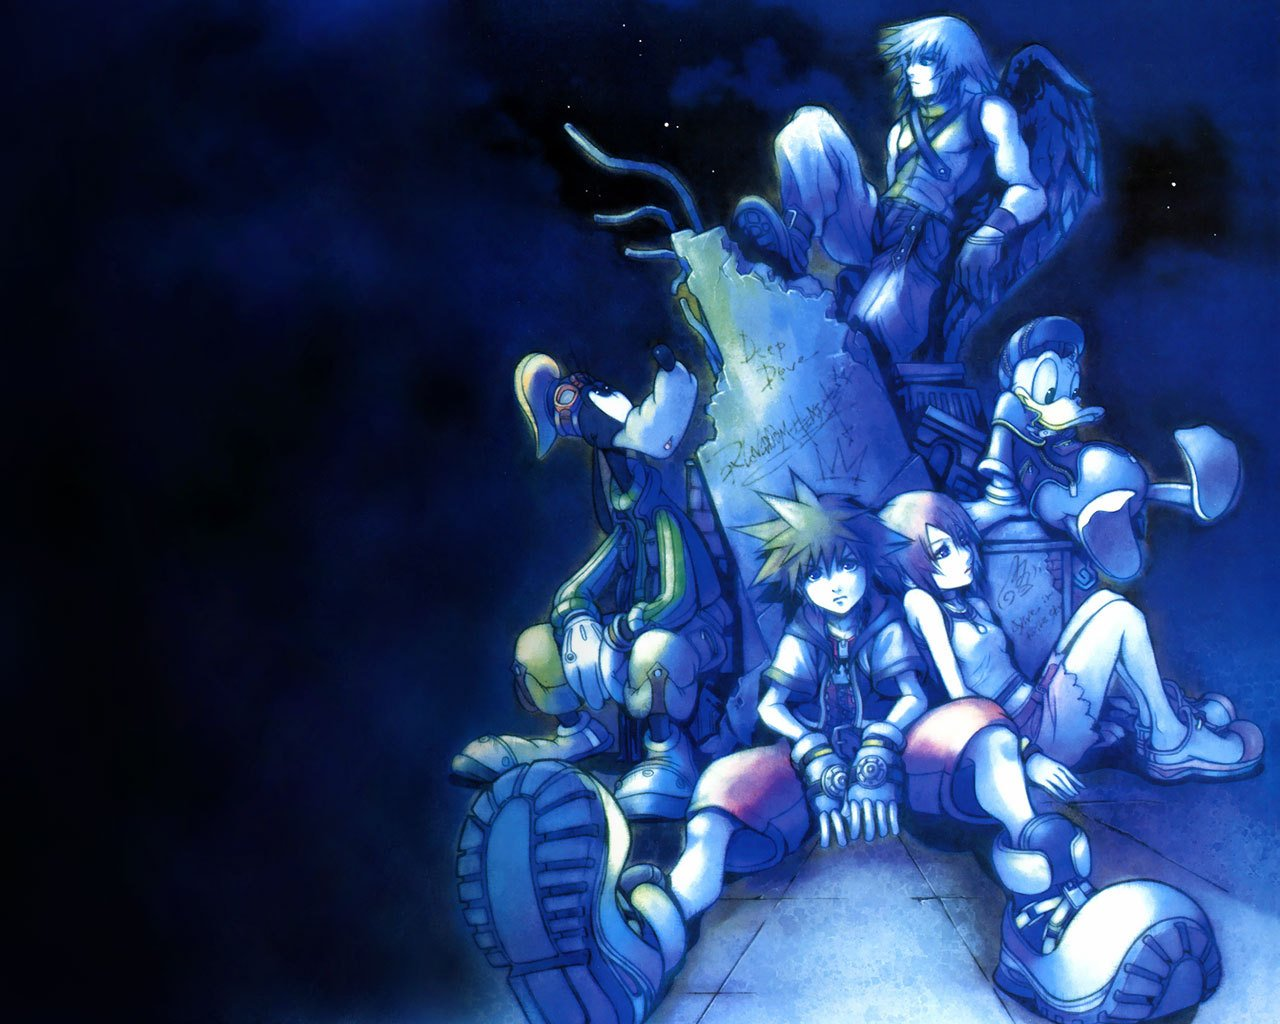 Ретроспектива серии Kingdom Hearts, часть 1-ая. - Изображение 17